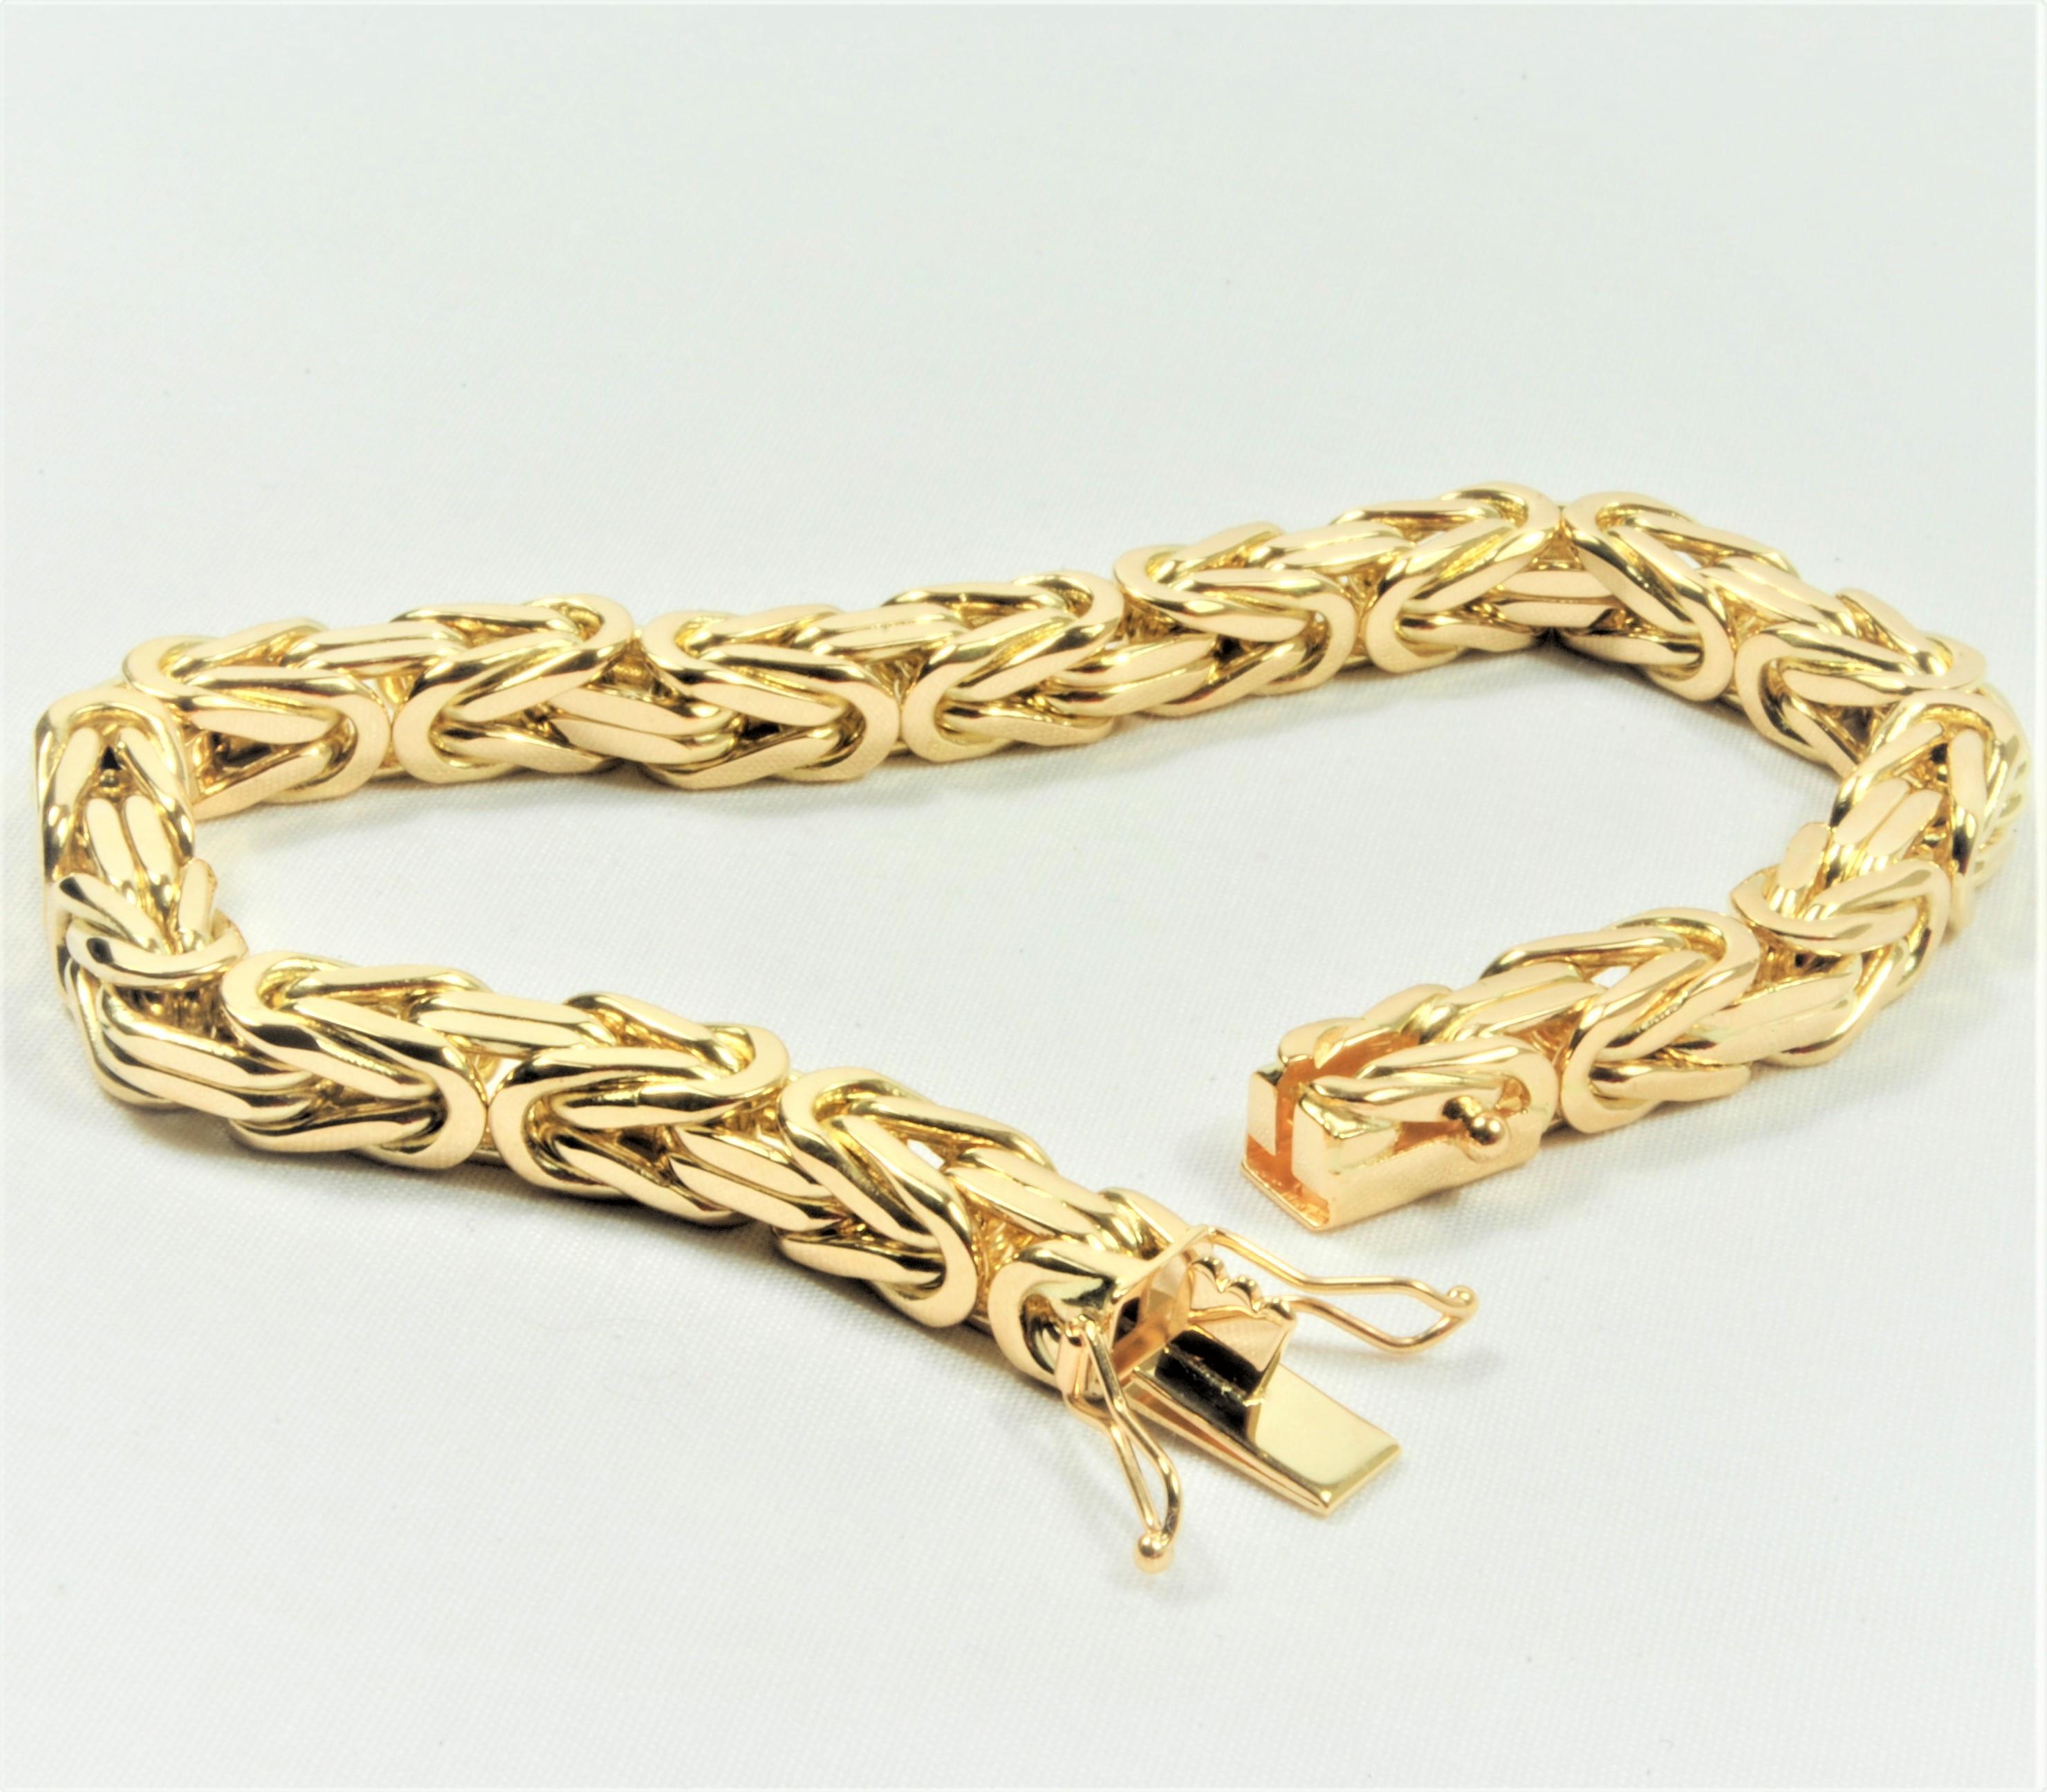 2d7ec614a1a4 14 kt Guld kongekæde armbånd 18